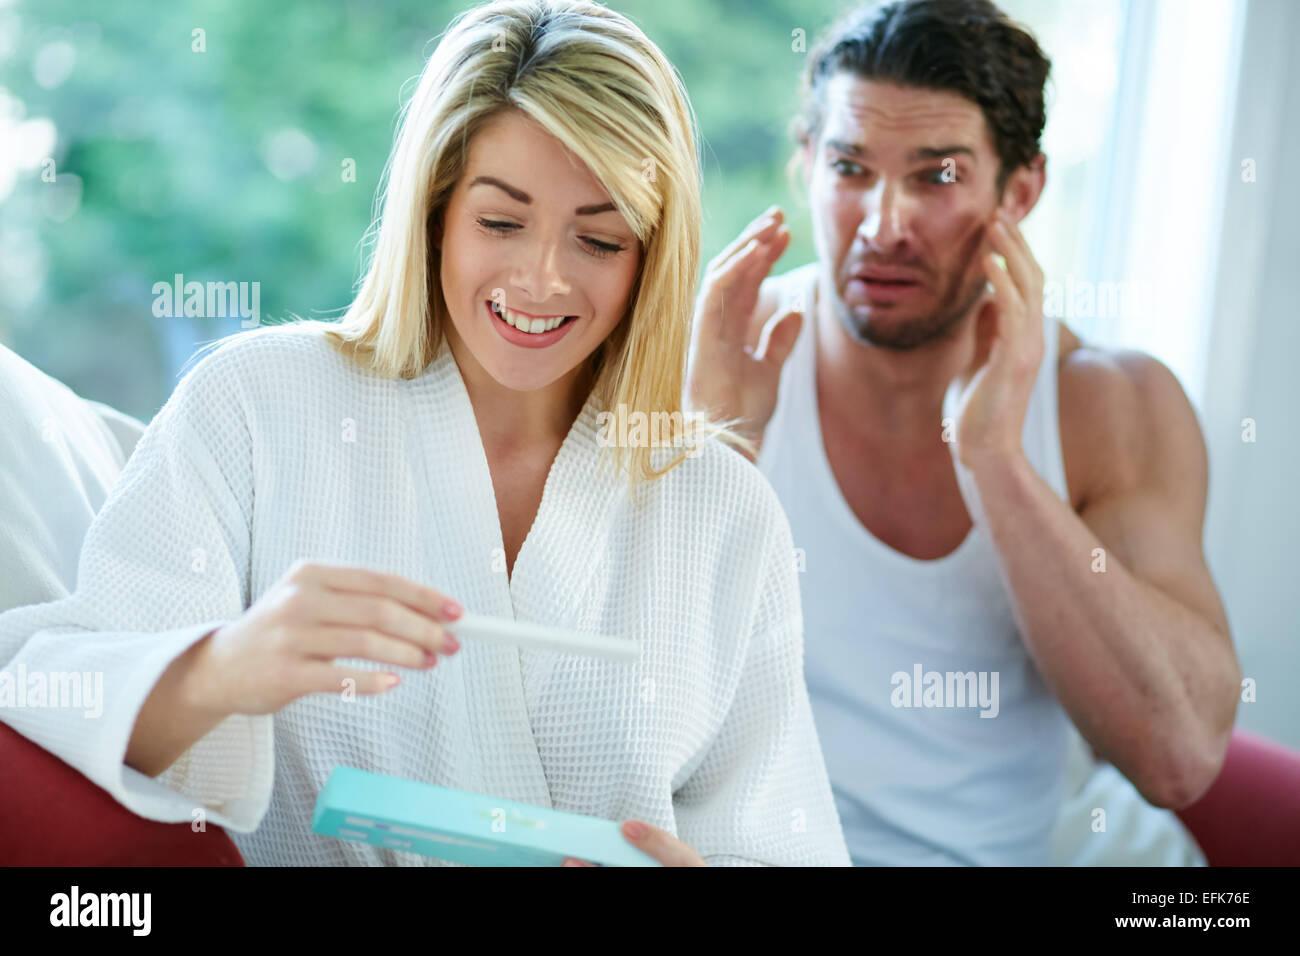 Ragazza felice di scoprire è incinta con sconvolto l uomo in background Immagini Stock